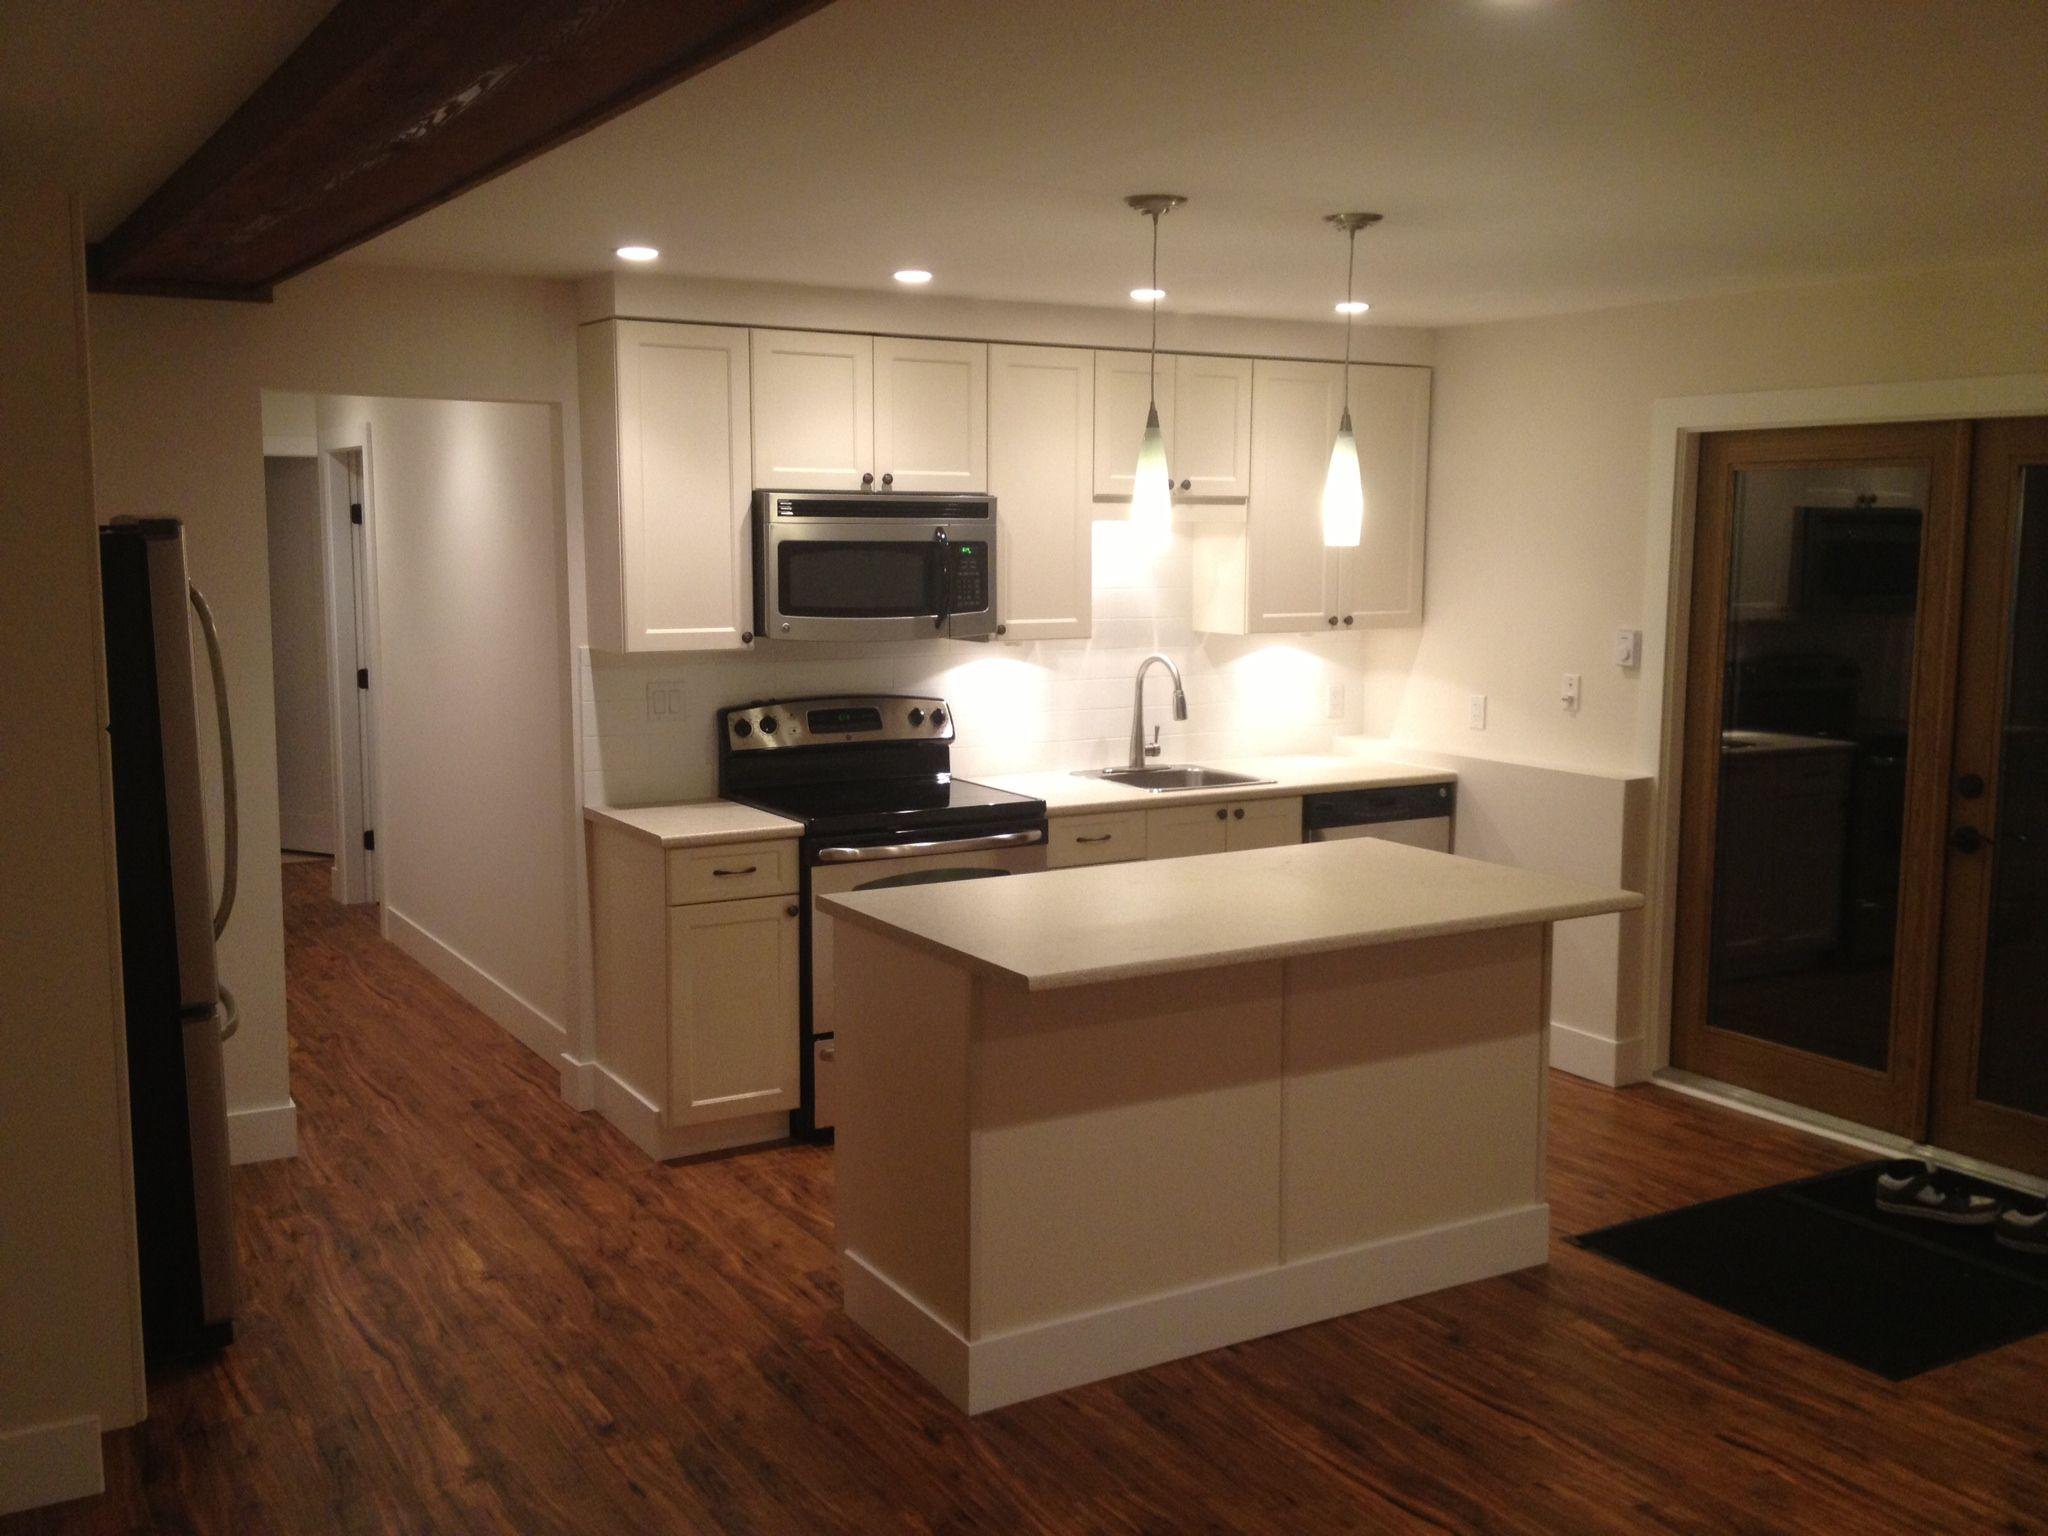 Basement suite facelift house and home pinterest for Basement suite plans